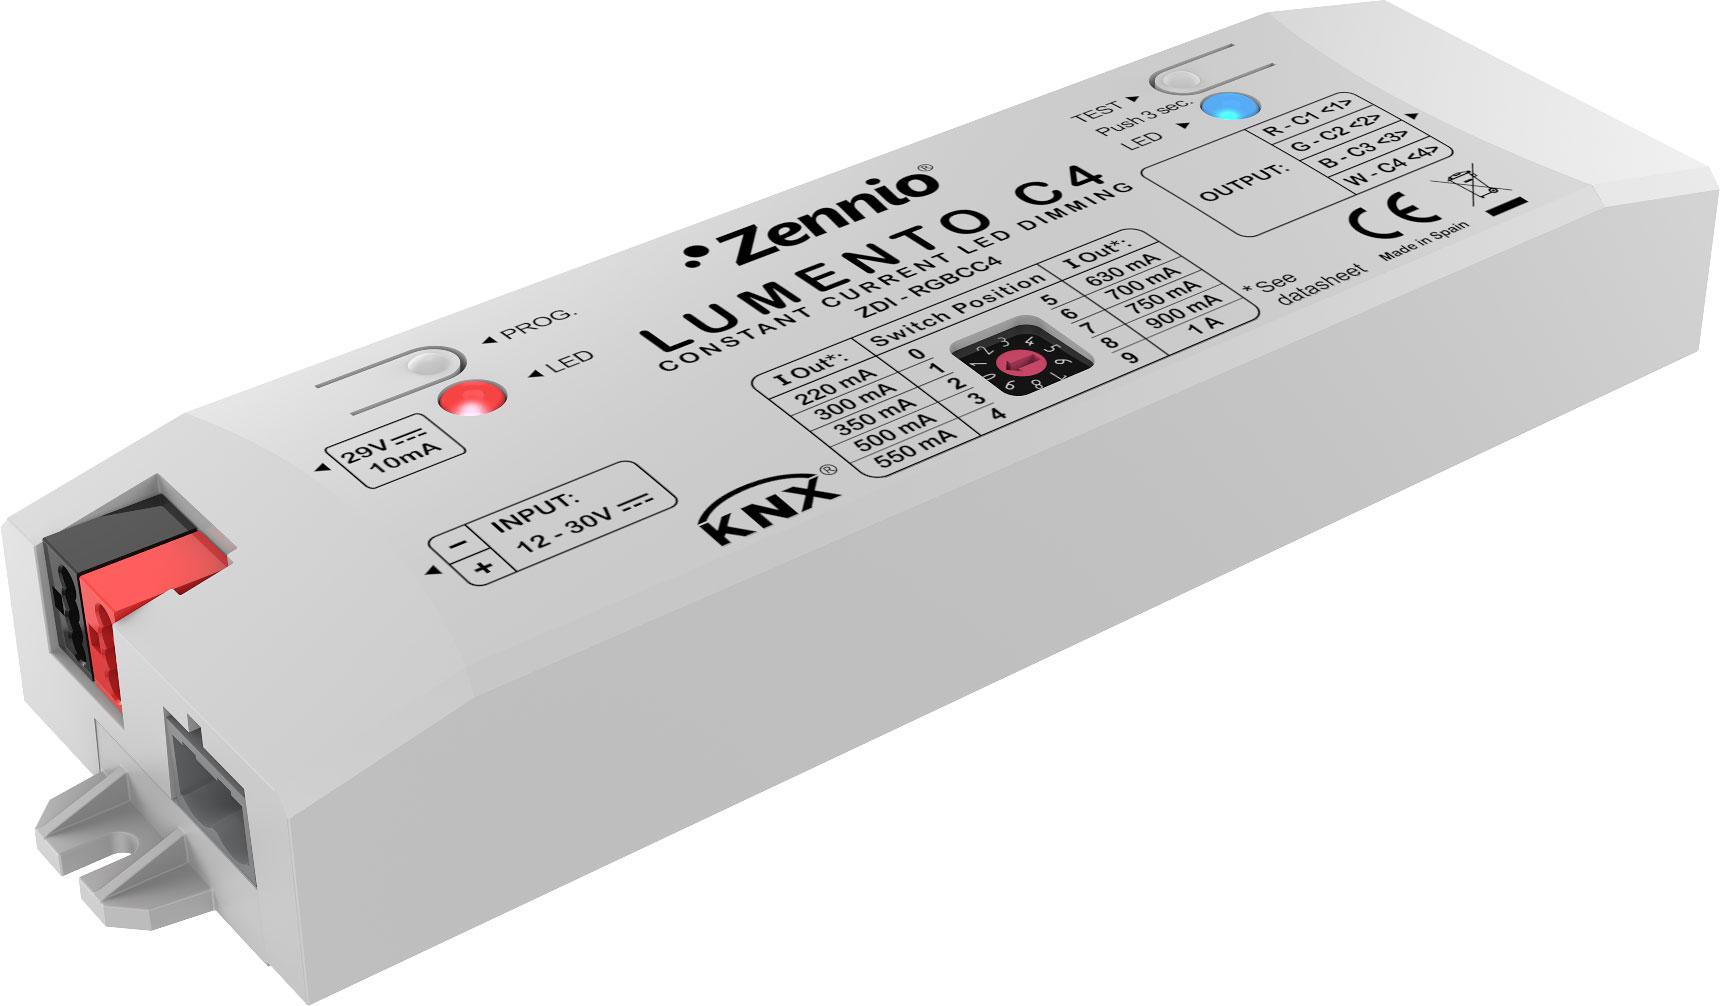 zennio zdi rgbcc4 lumento c4 konstantstrom dimmer 4 kanal online kaufen im voltus elektro shop. Black Bedroom Furniture Sets. Home Design Ideas